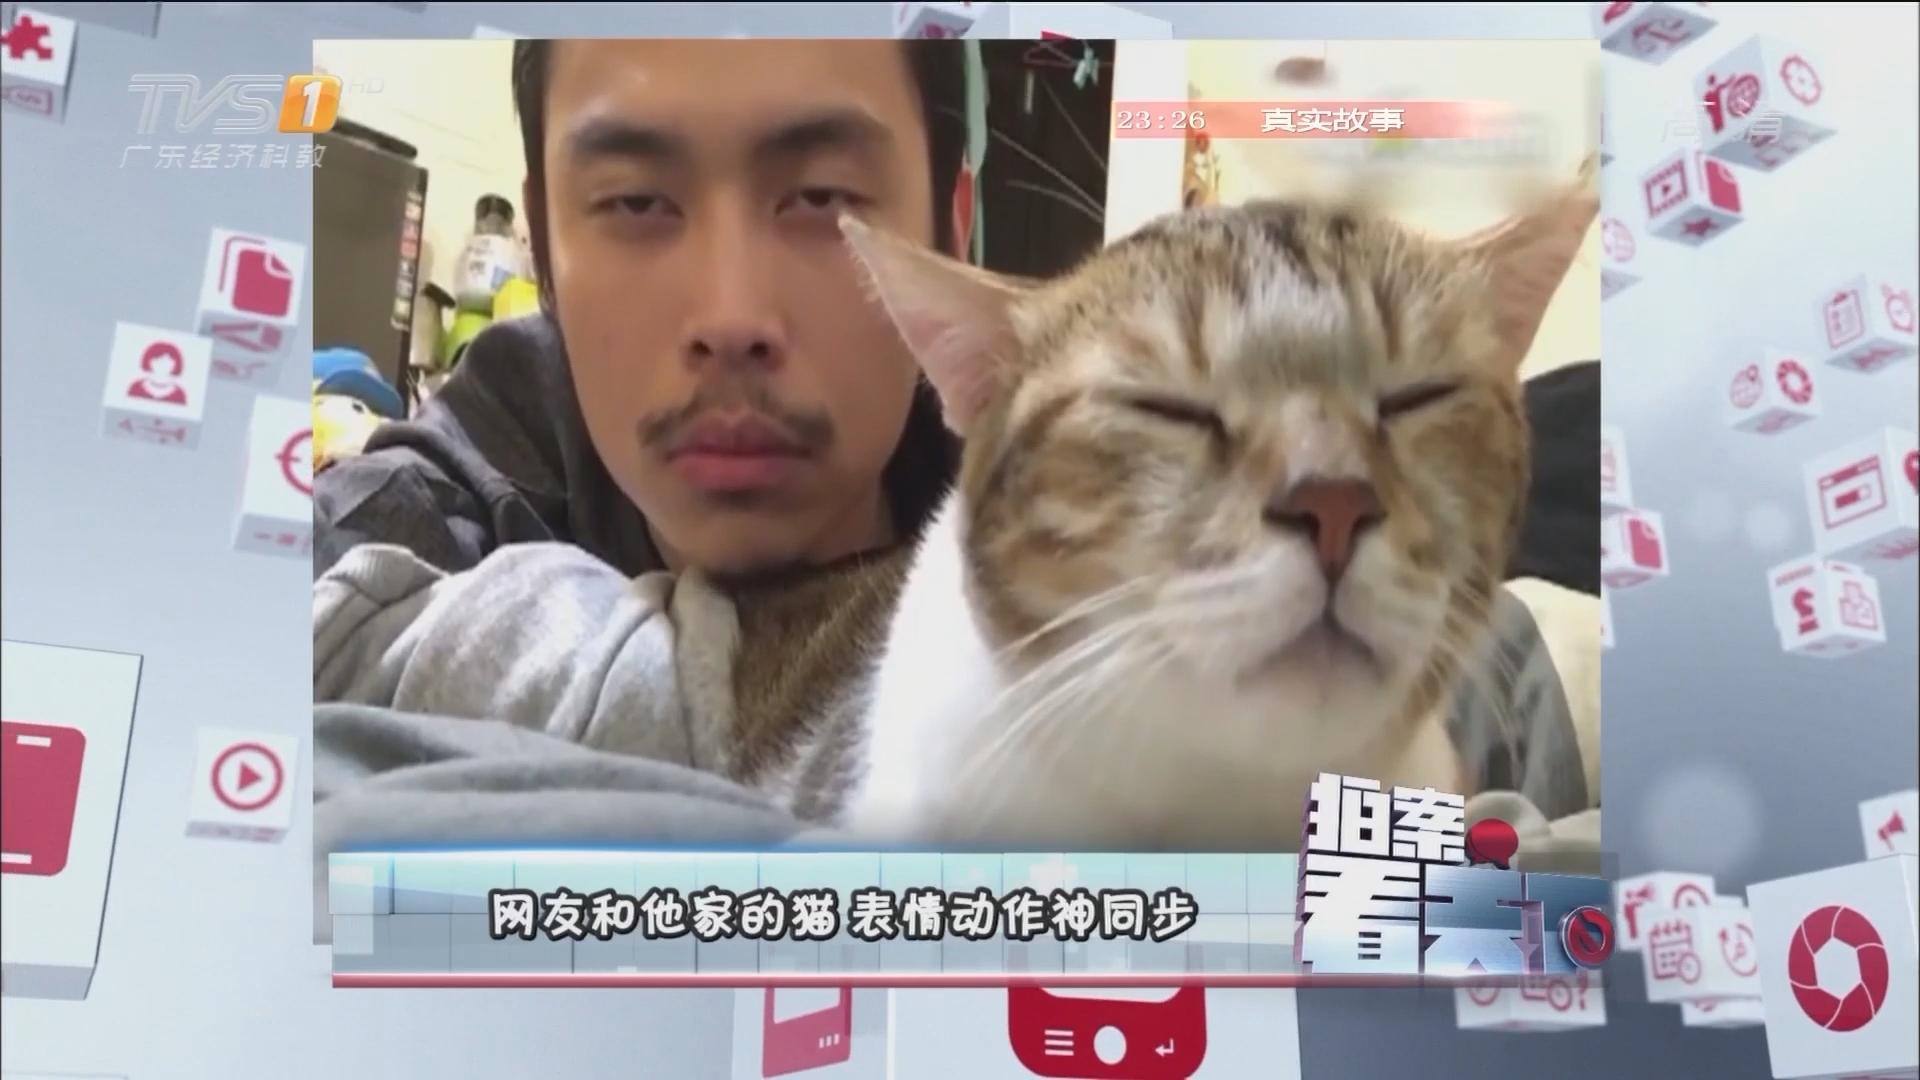 网友和他家的猫 表情动作神同步